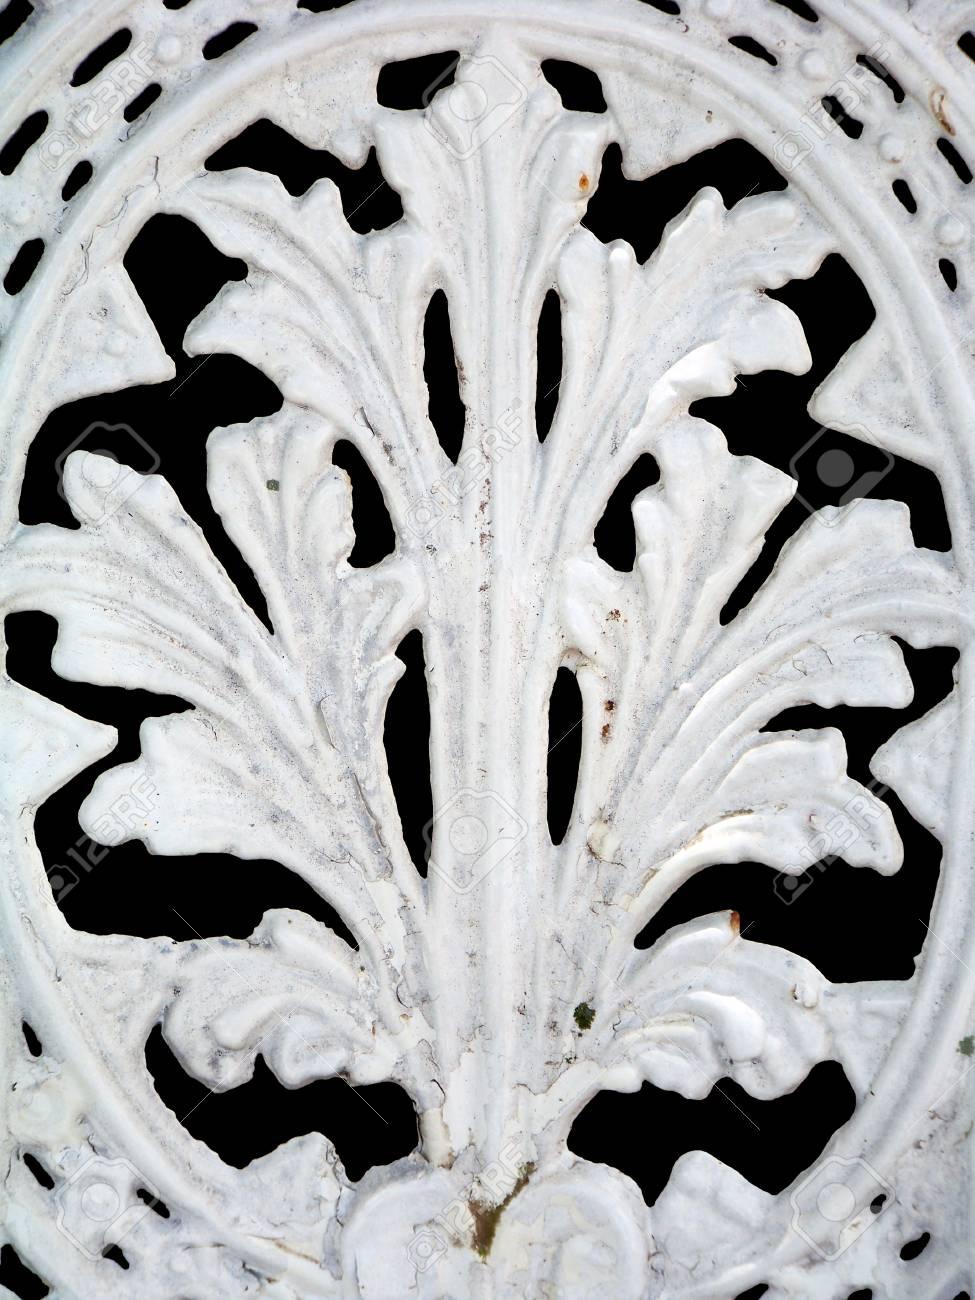 Aislado Textura Blanco Metálico De Una Silla Con Forma De Hoja Como ...